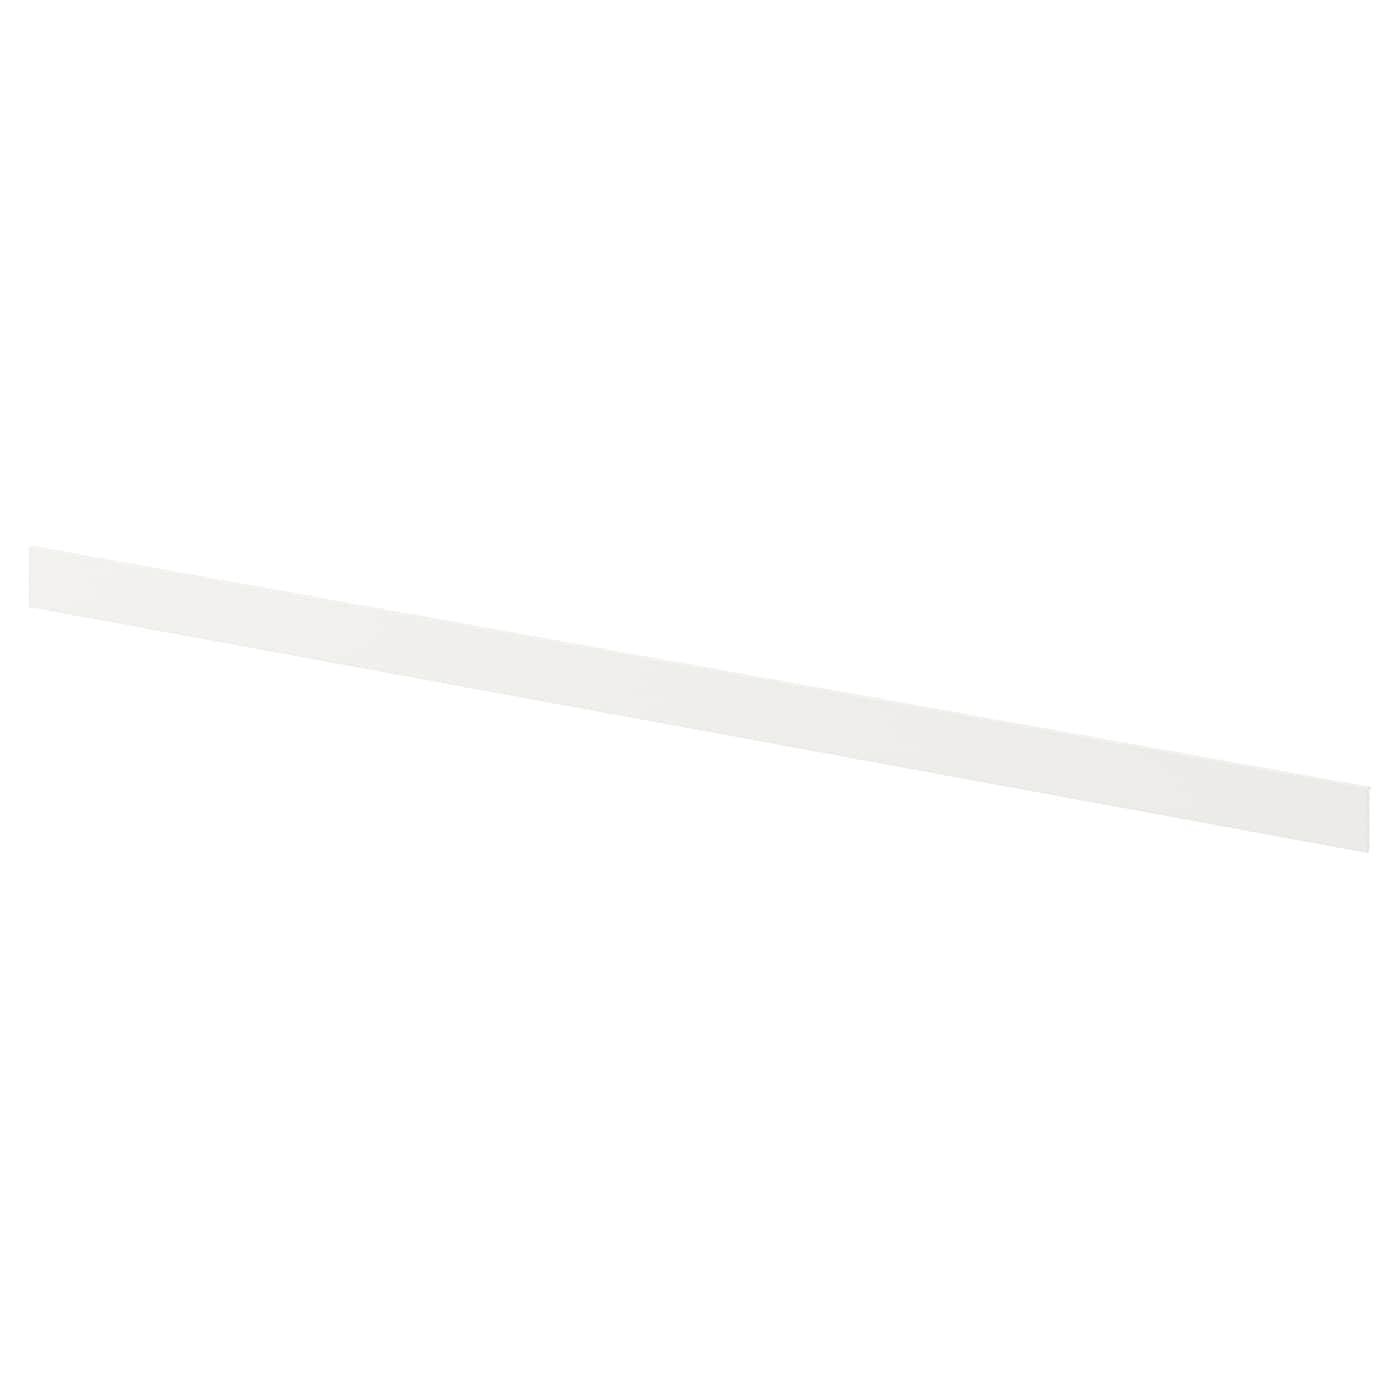 IKEA FÖRBÄTTRA торцевая полоса и крепления белый 2.2x59.7 см 602.534.00